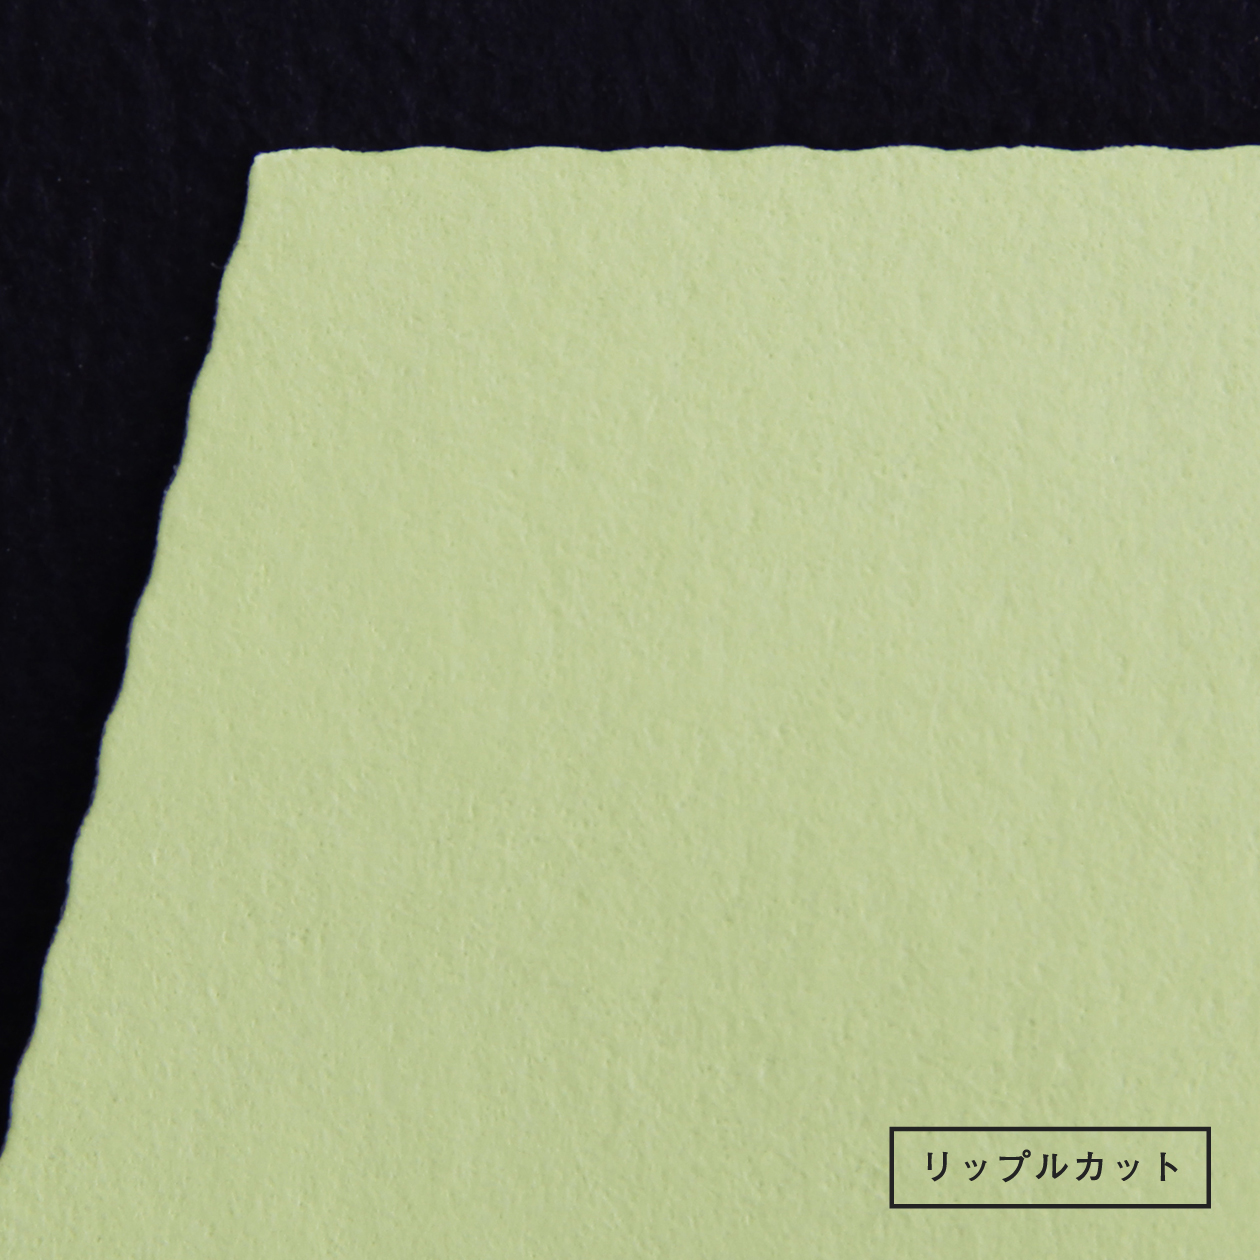 長3封筒 エコフレンドリーカラー リーフグリーン 100g